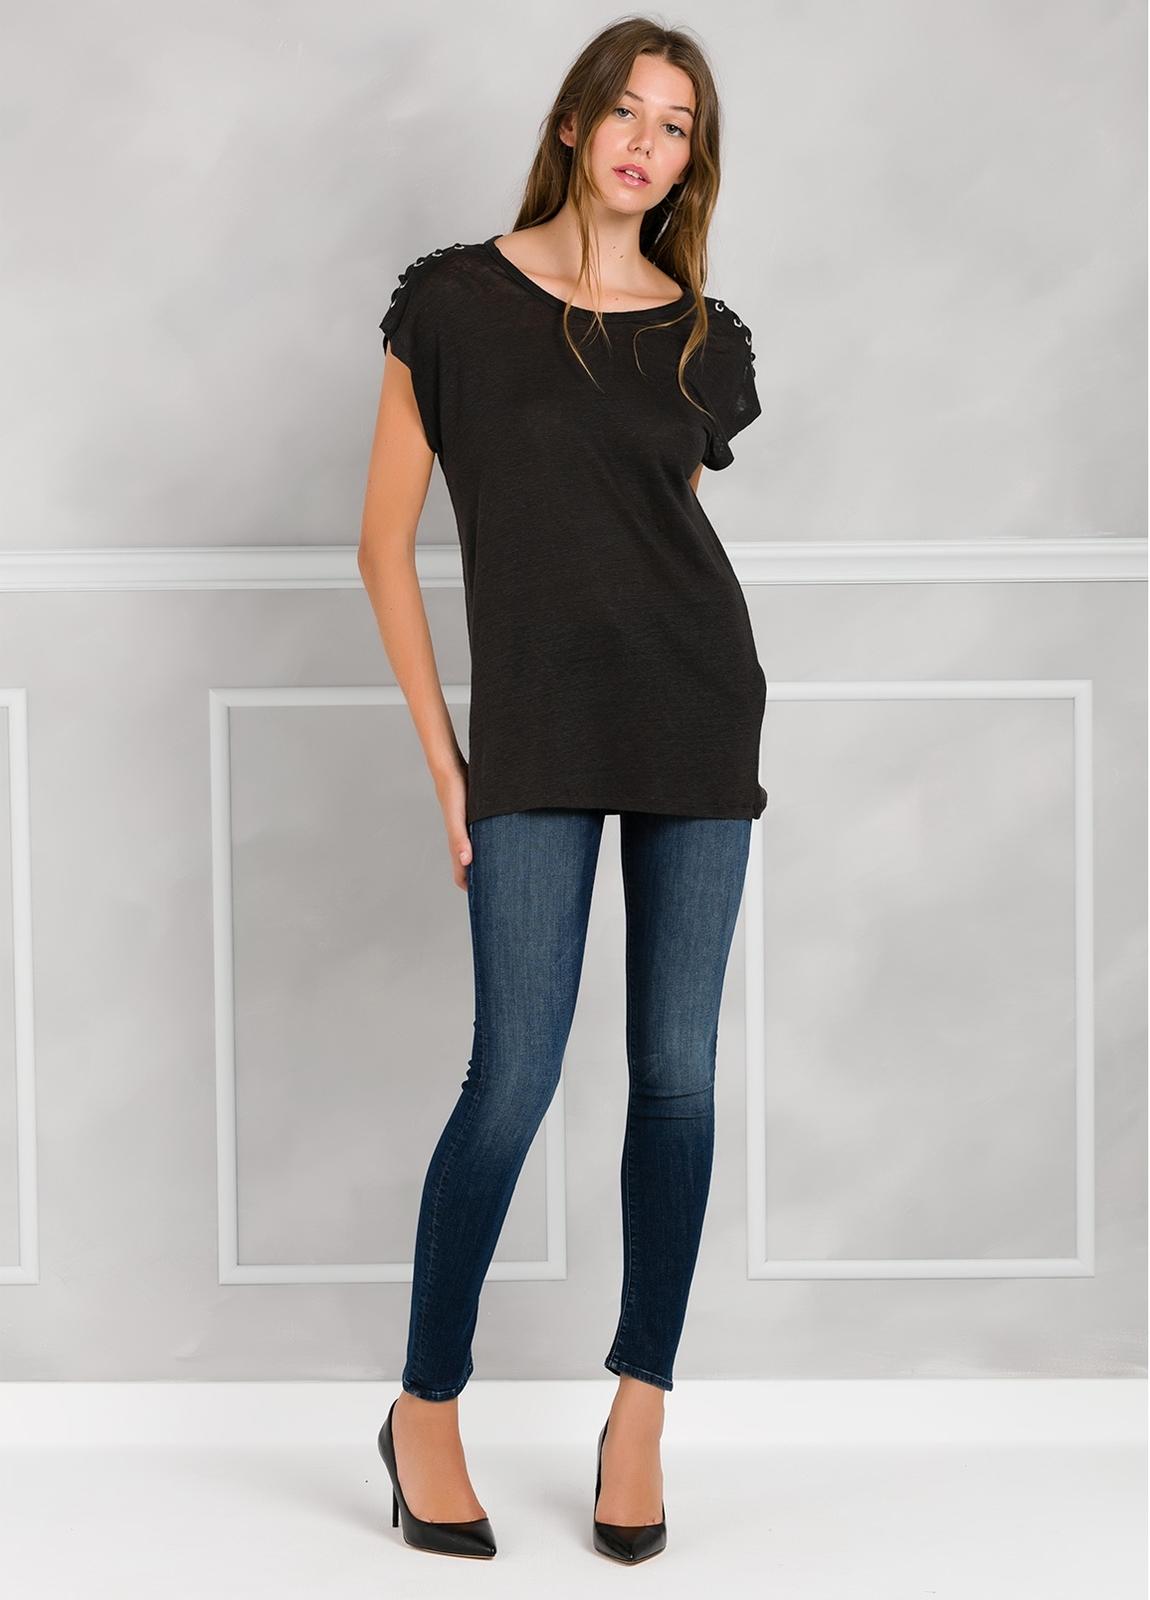 Camiseta woman manga corta color negro, con cordones en mangas y apliques metálicos.